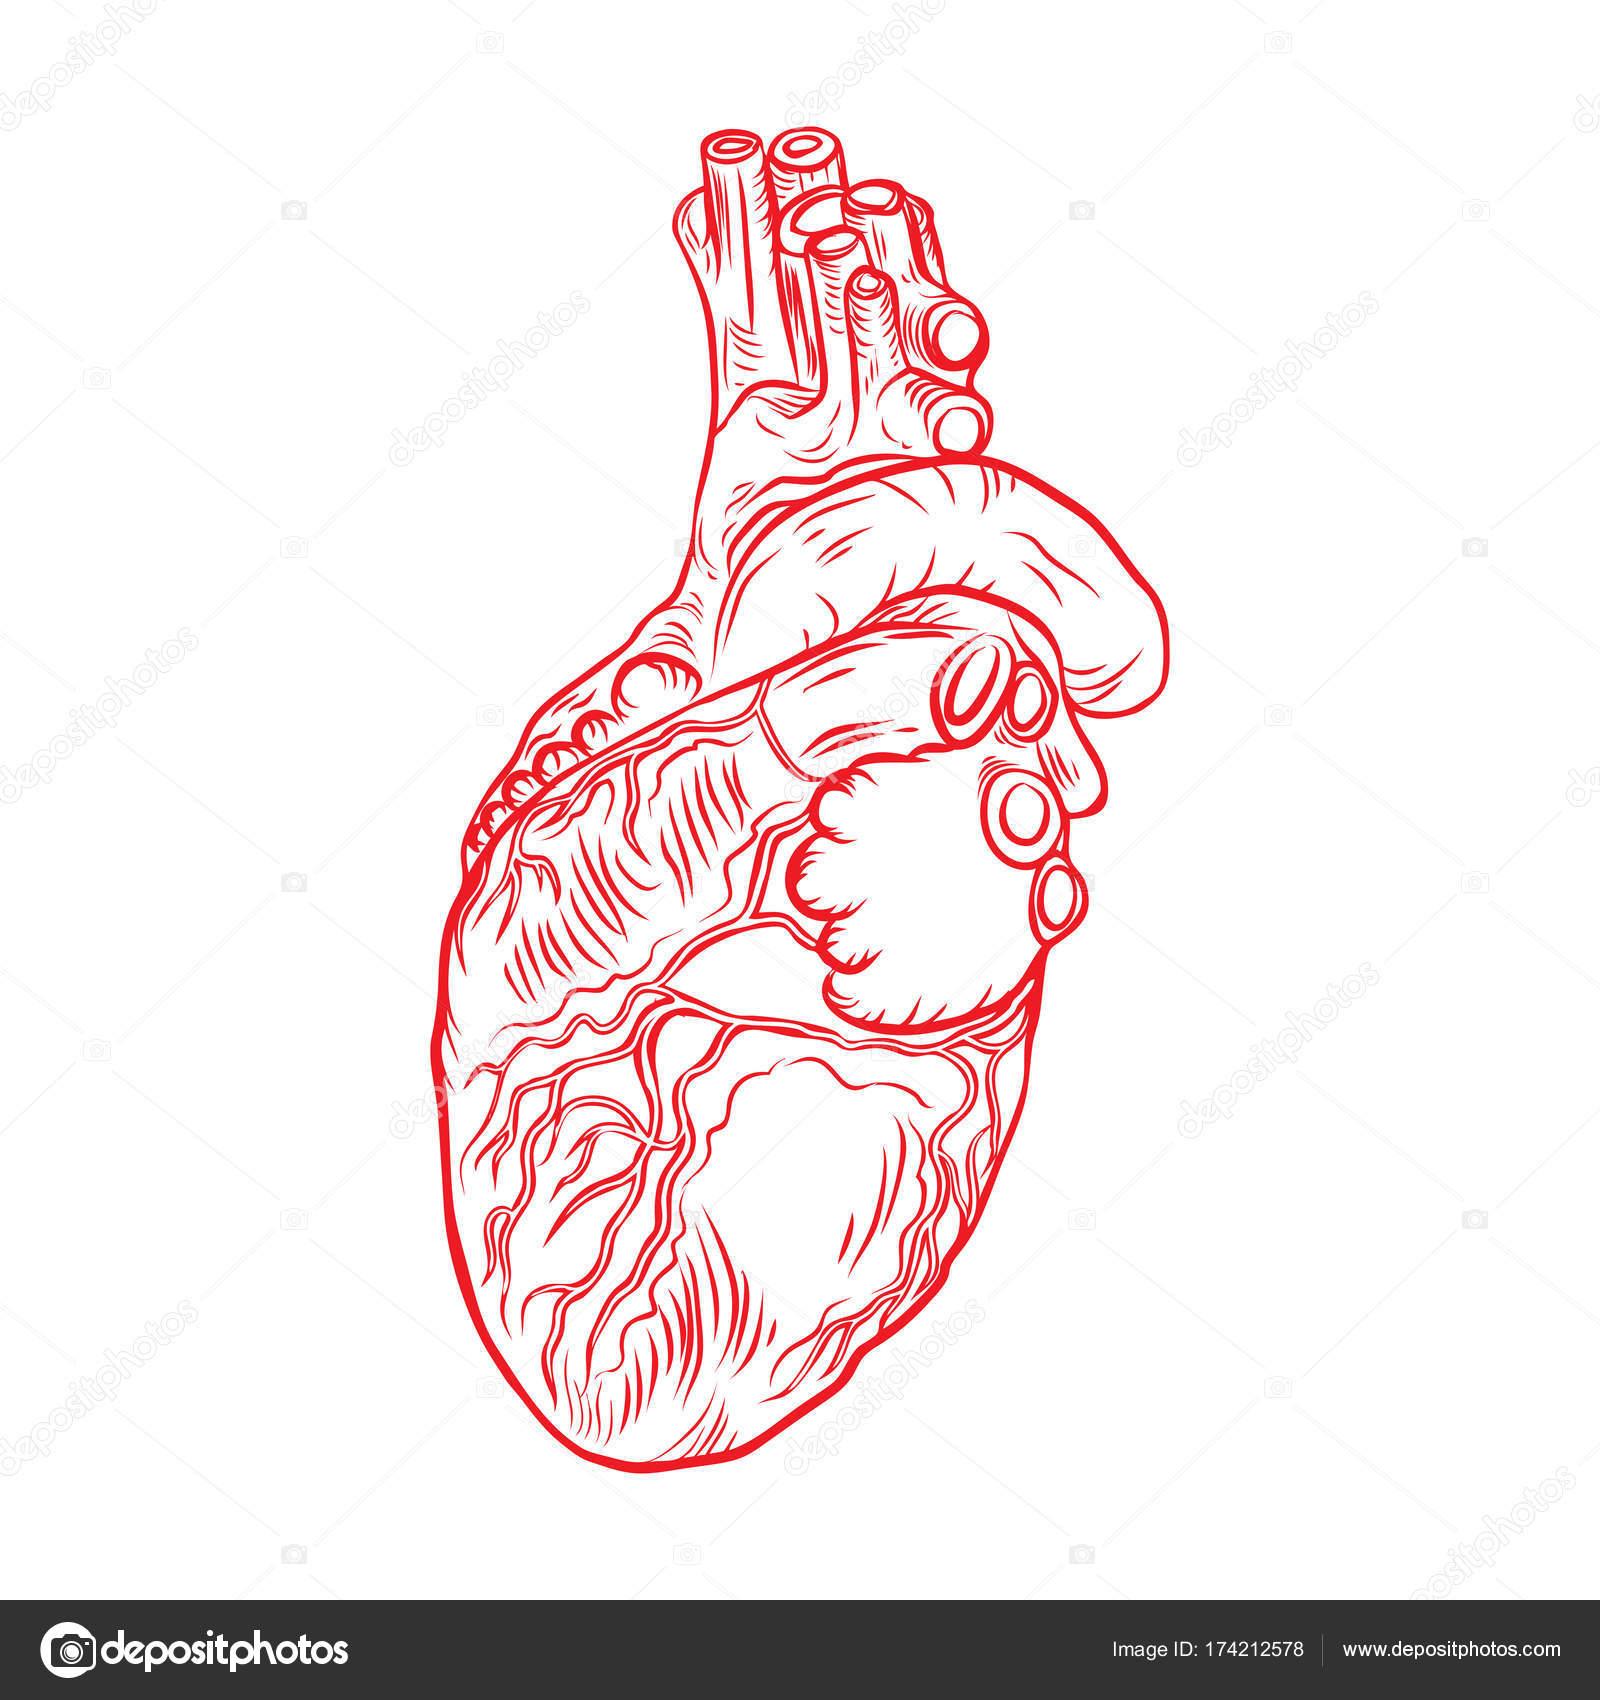 Corazón humano rojo con aorta, venas y arterias — Archivo Imágenes ...